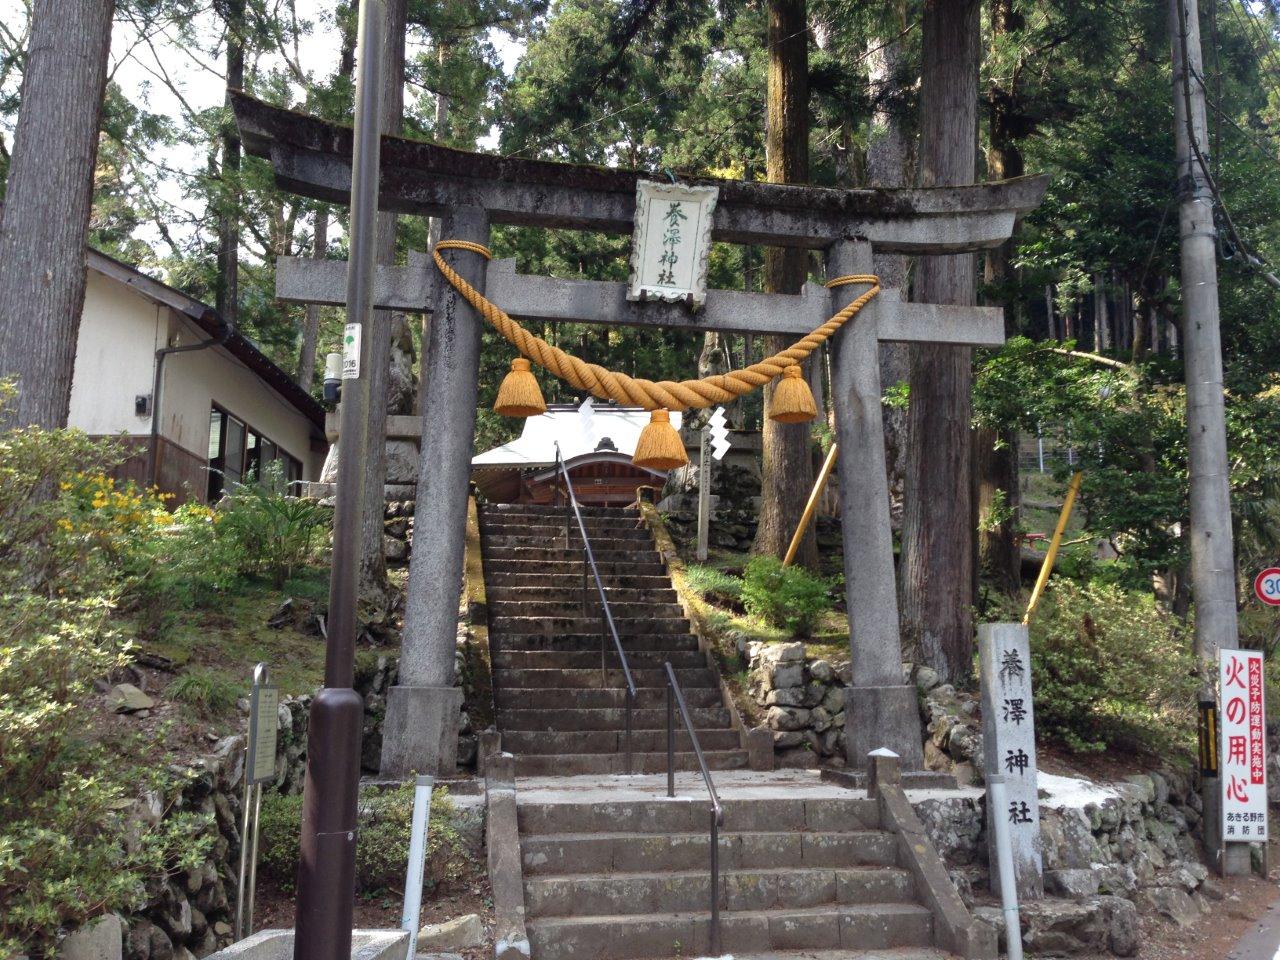 秋川温泉&高尾山 もうすぐ88歳の八重子さんと_f0019063_115683.jpg